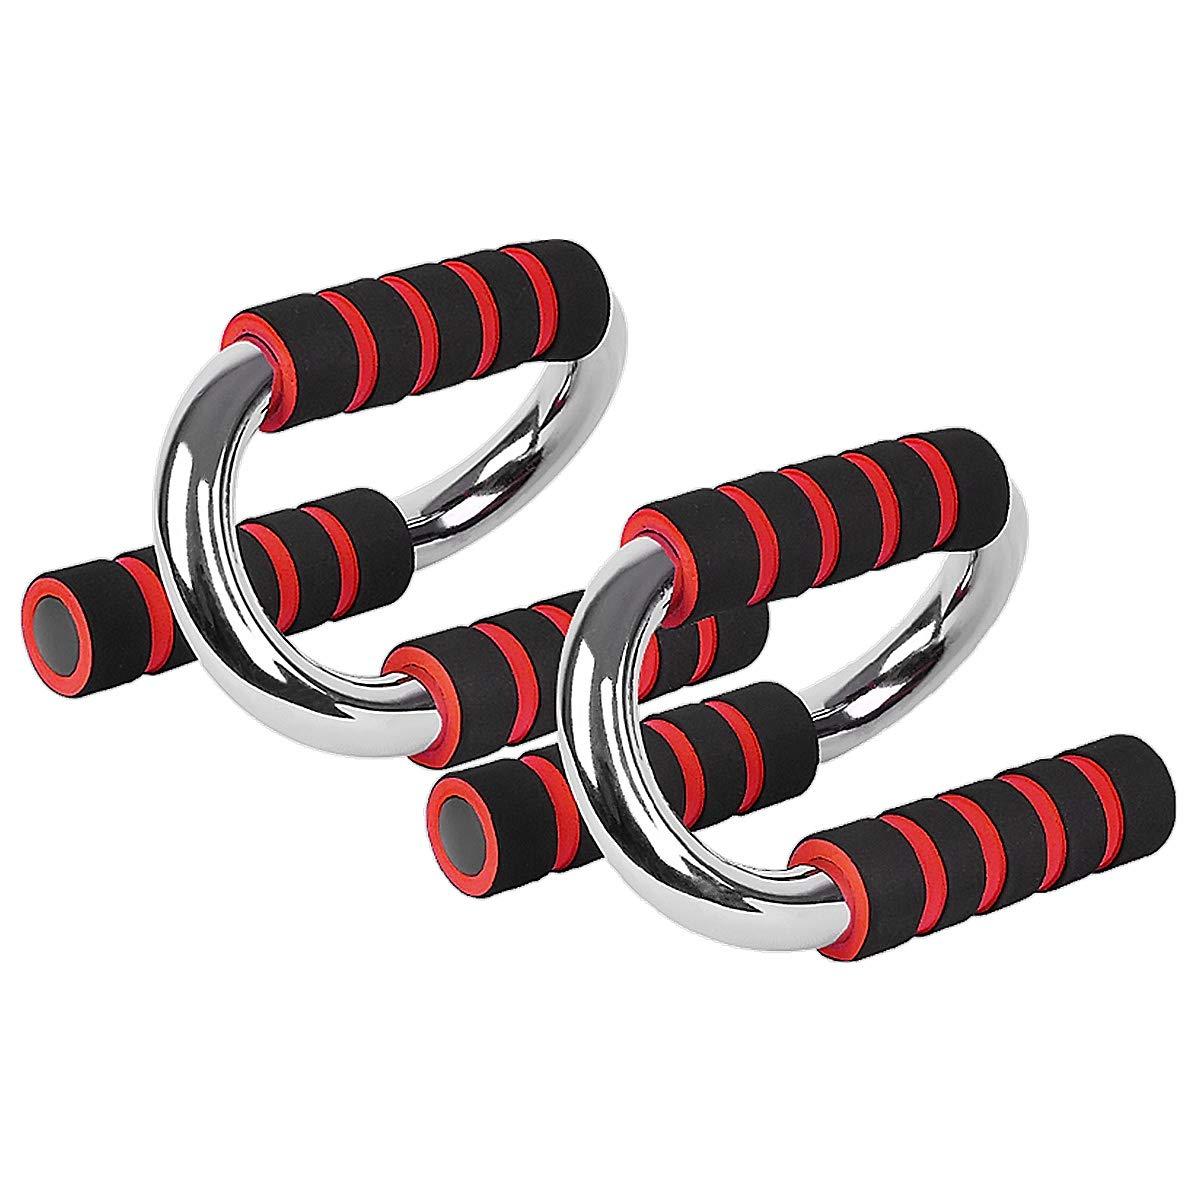 Merdia Push Up Bars Soportes para Flexiones Stands para manijas Push Up con Agarre de Espuma c/ómodo y Asas Antideslizantes Set-S Shape